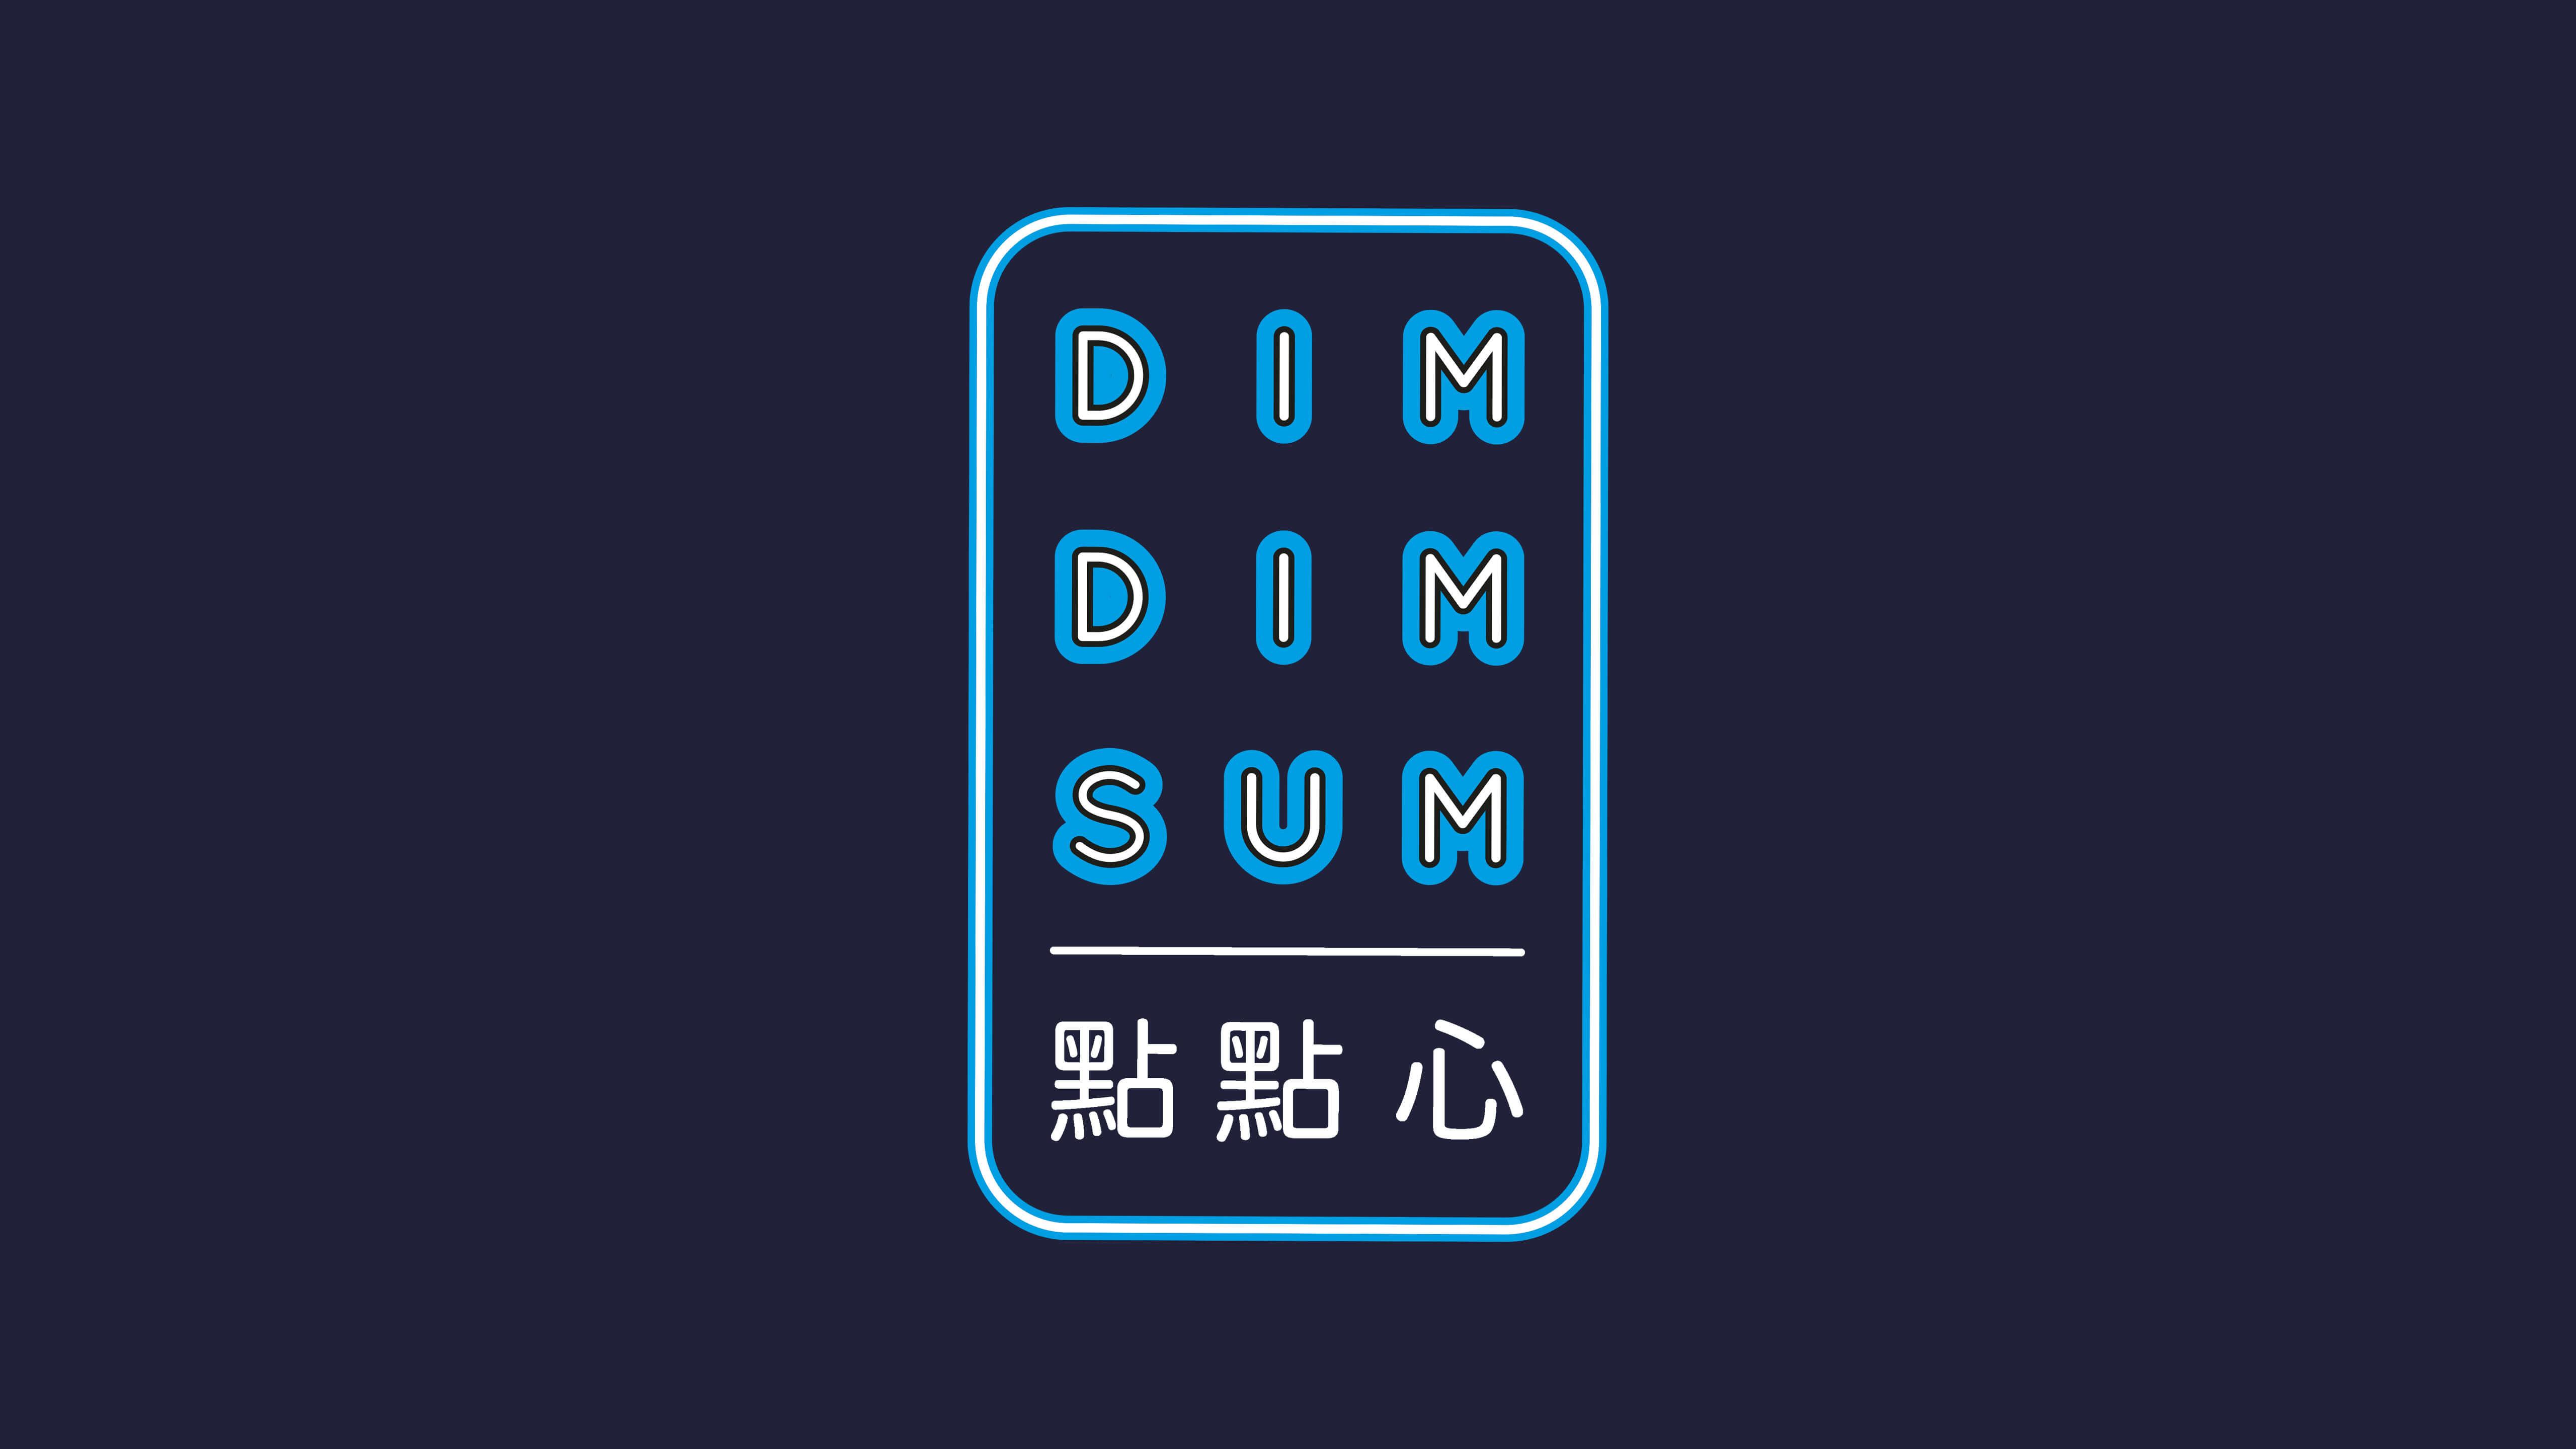 Dim Dim Sum, Mixus studio, Logo